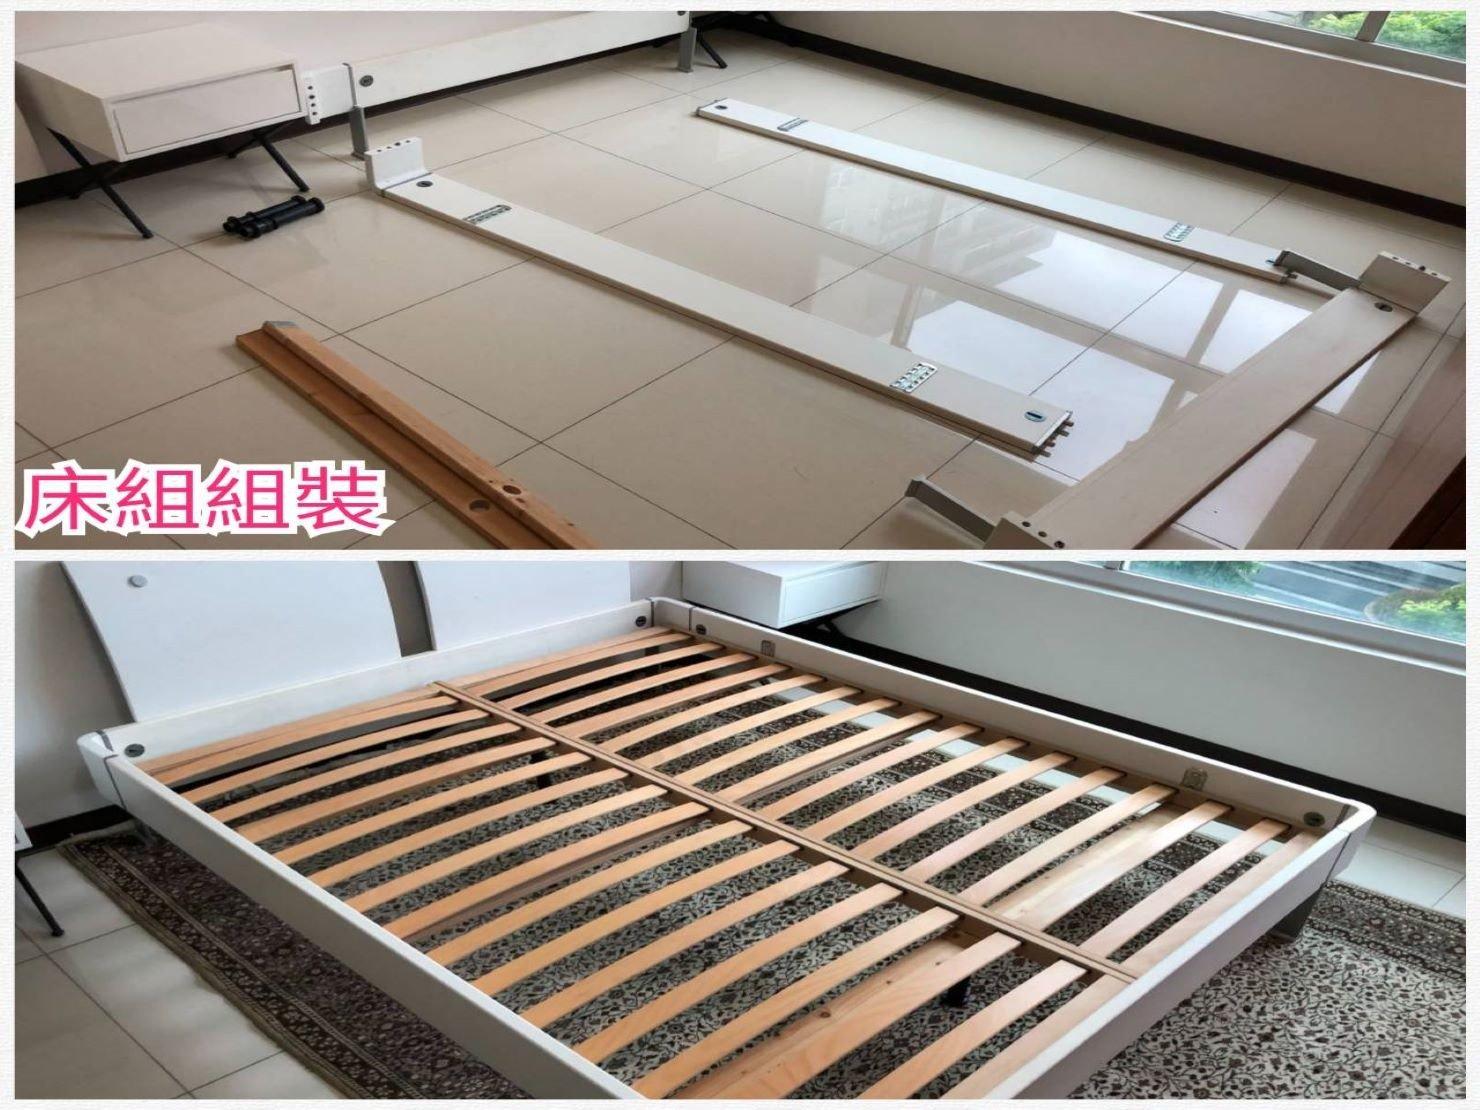 台北搬家【榮福搬家】推薦搬家公司給您最優質、最安全的搬遷服務:床架拆裝